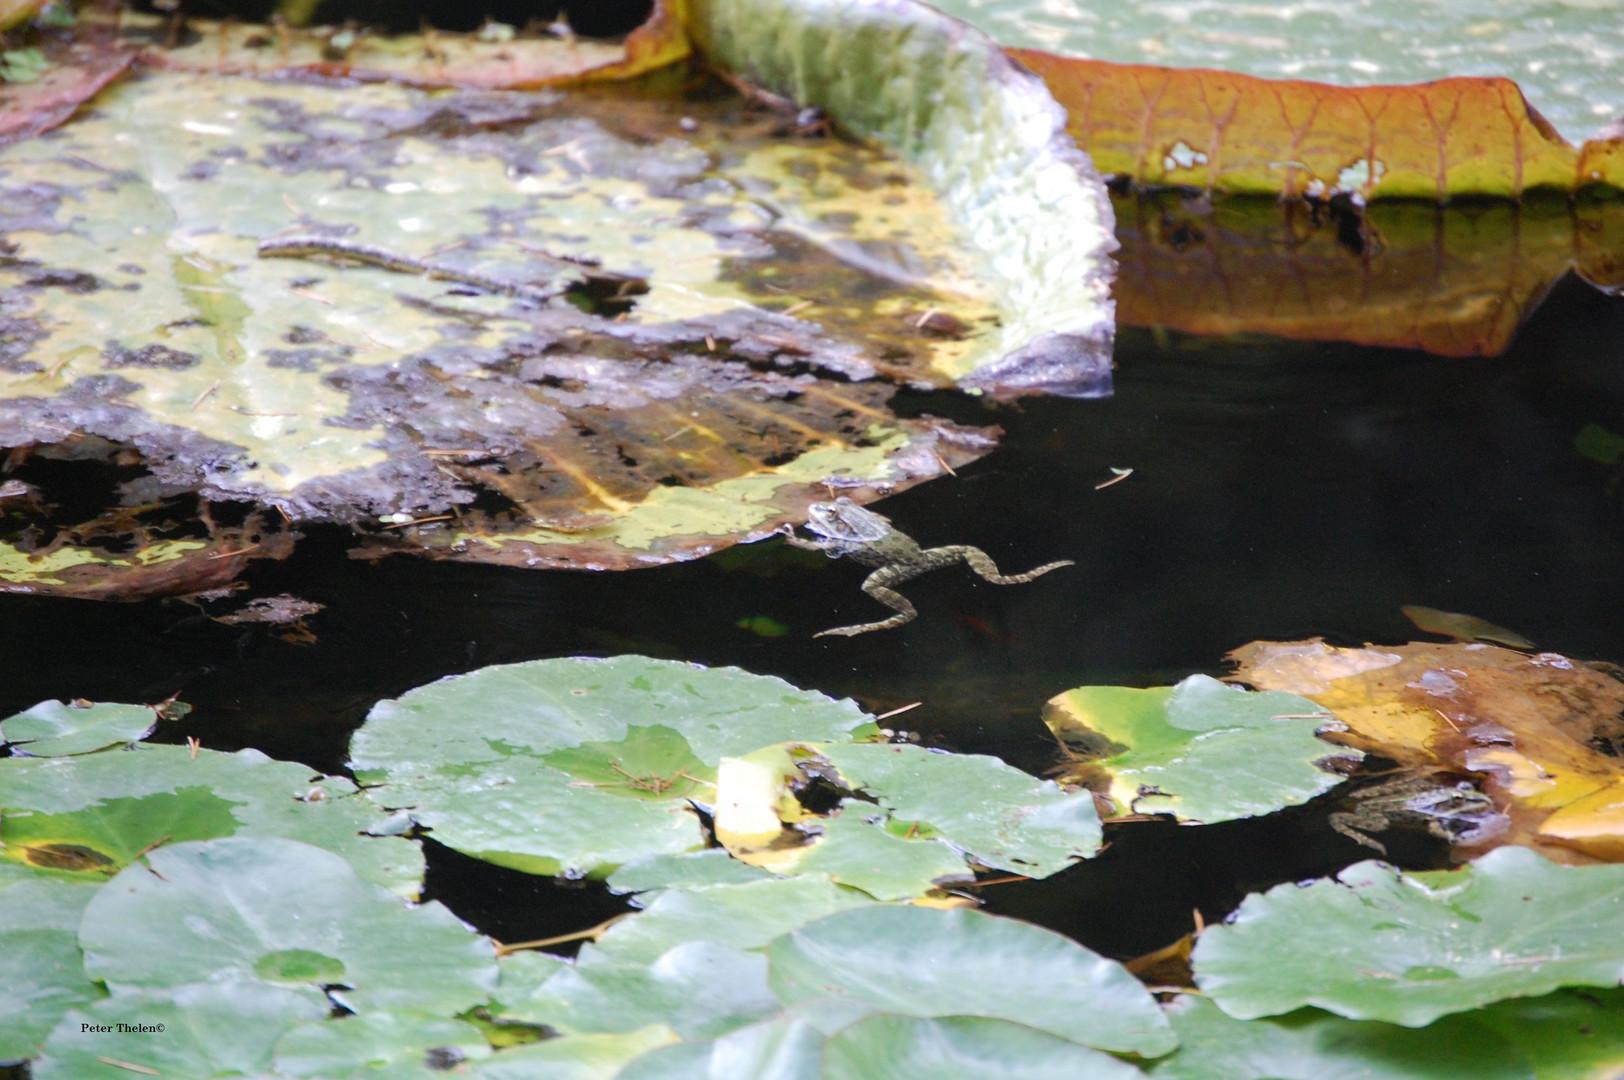 Große Pflanze, kleiner Frosch